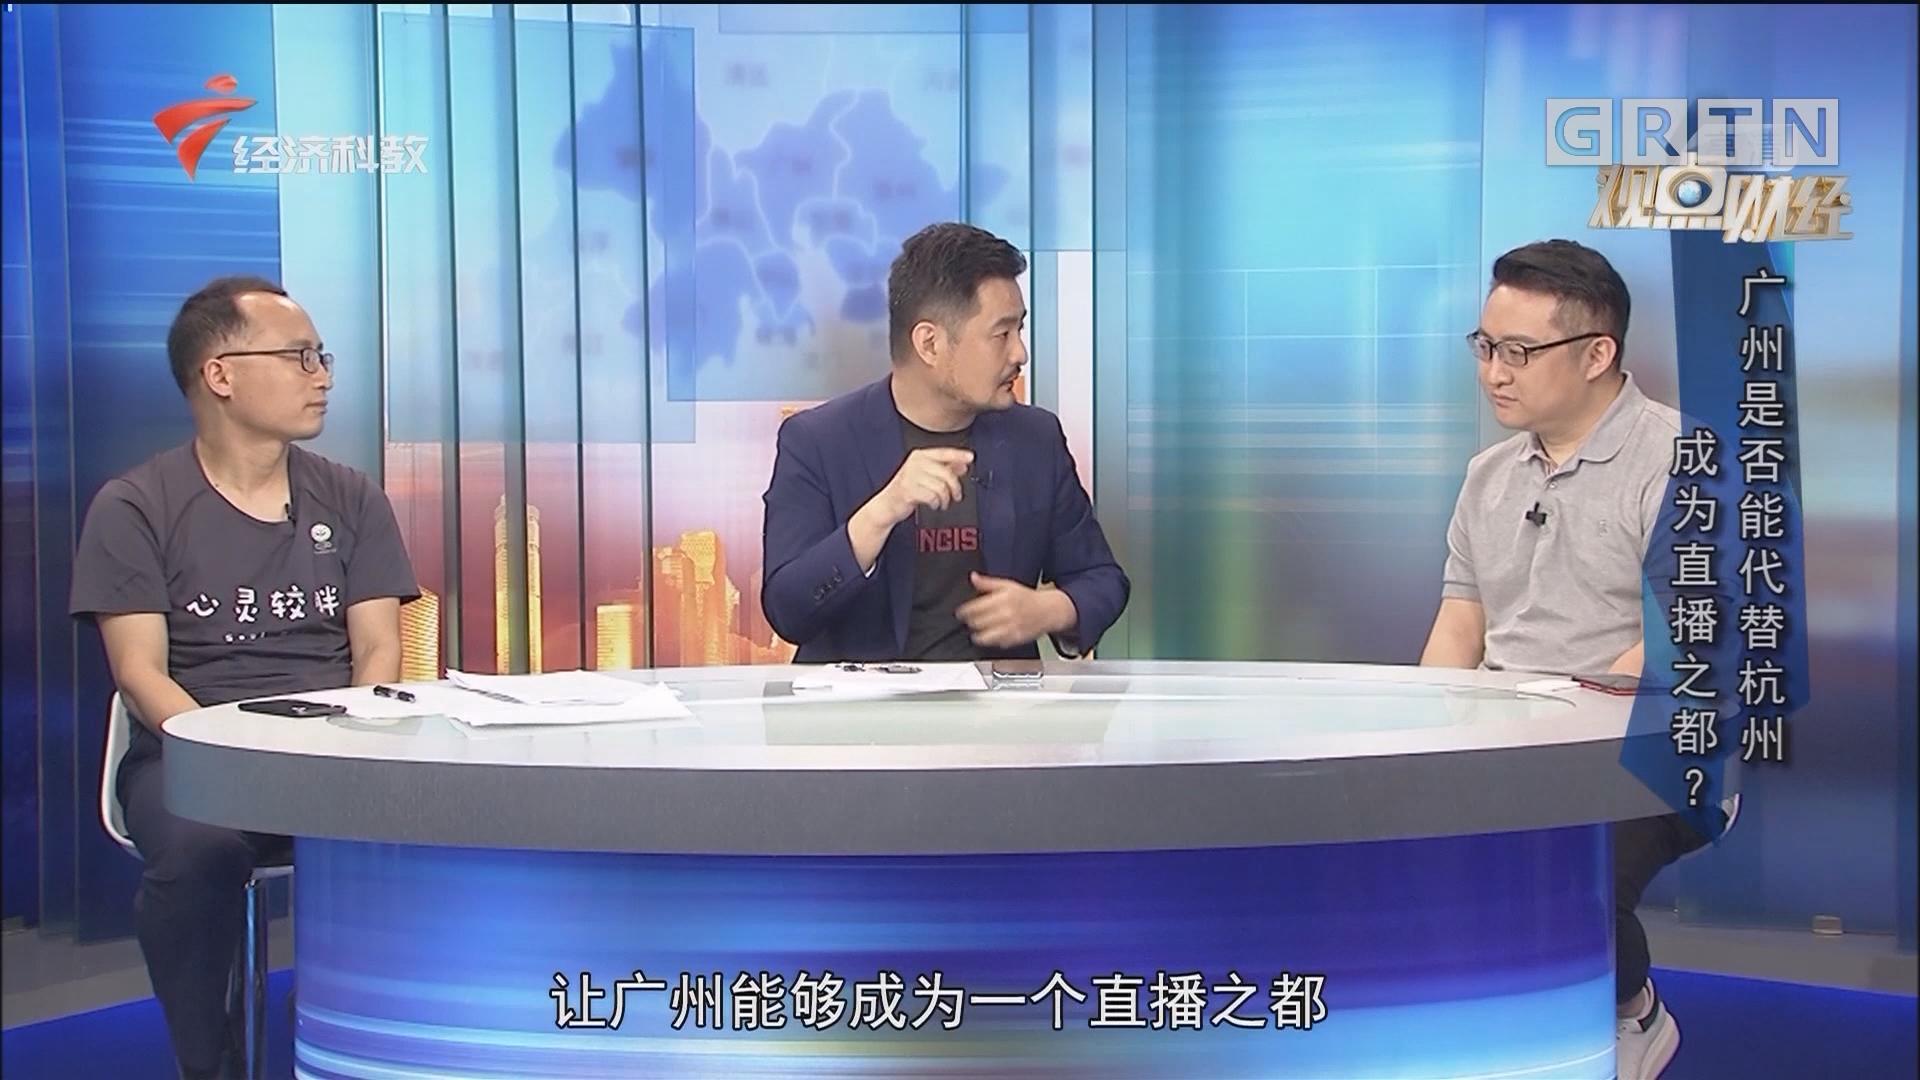 [HD][2020-05-24]觀點財經:廣州能否能代替杭州成為直播之都?